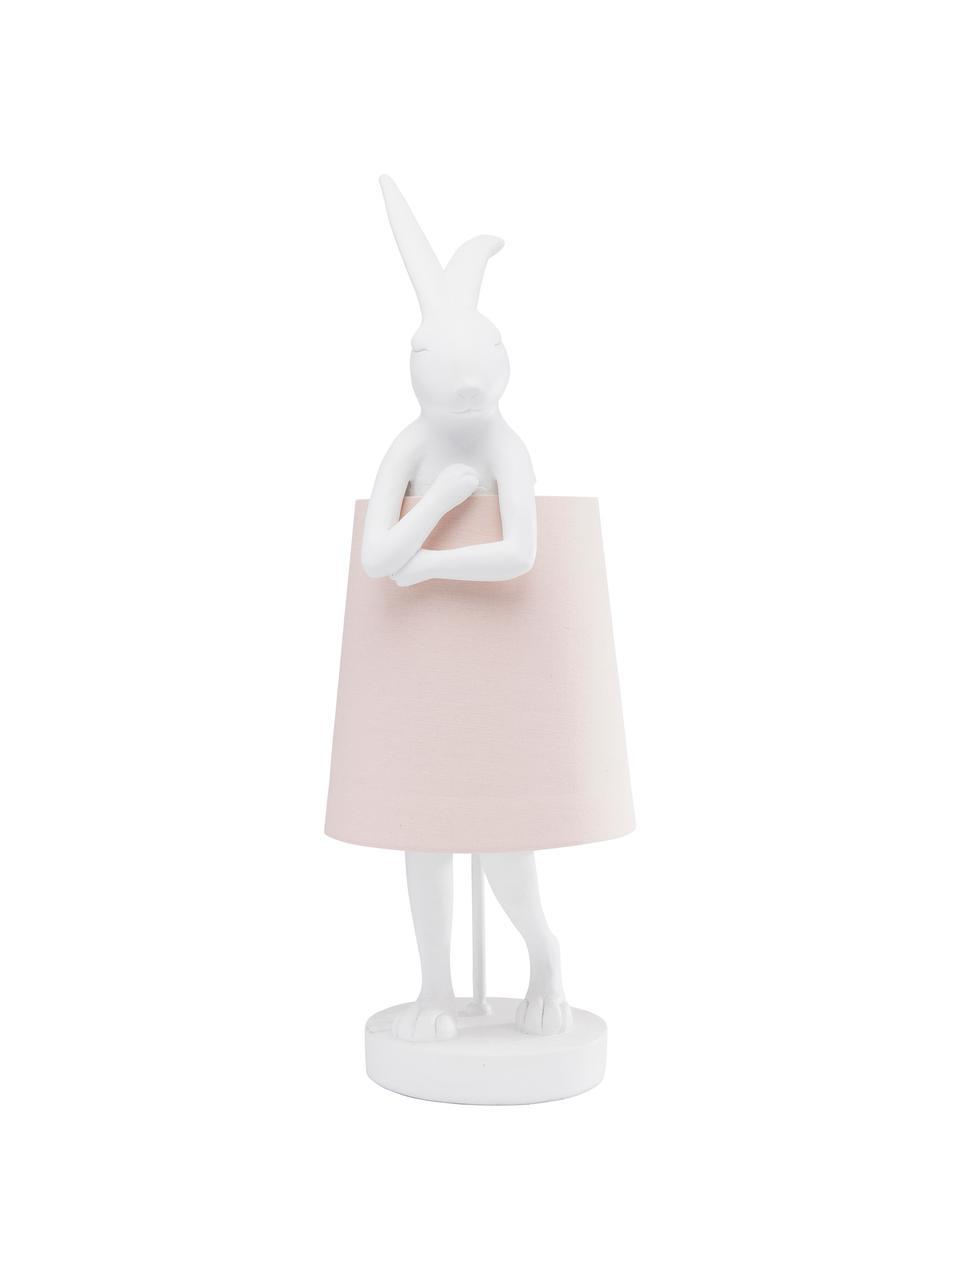 Lámpara de mesa grande de diseñoRabbit, Pantalla: lino, Cable: plástico, Blanco, rosa, Ø 23 x Al 68 cm